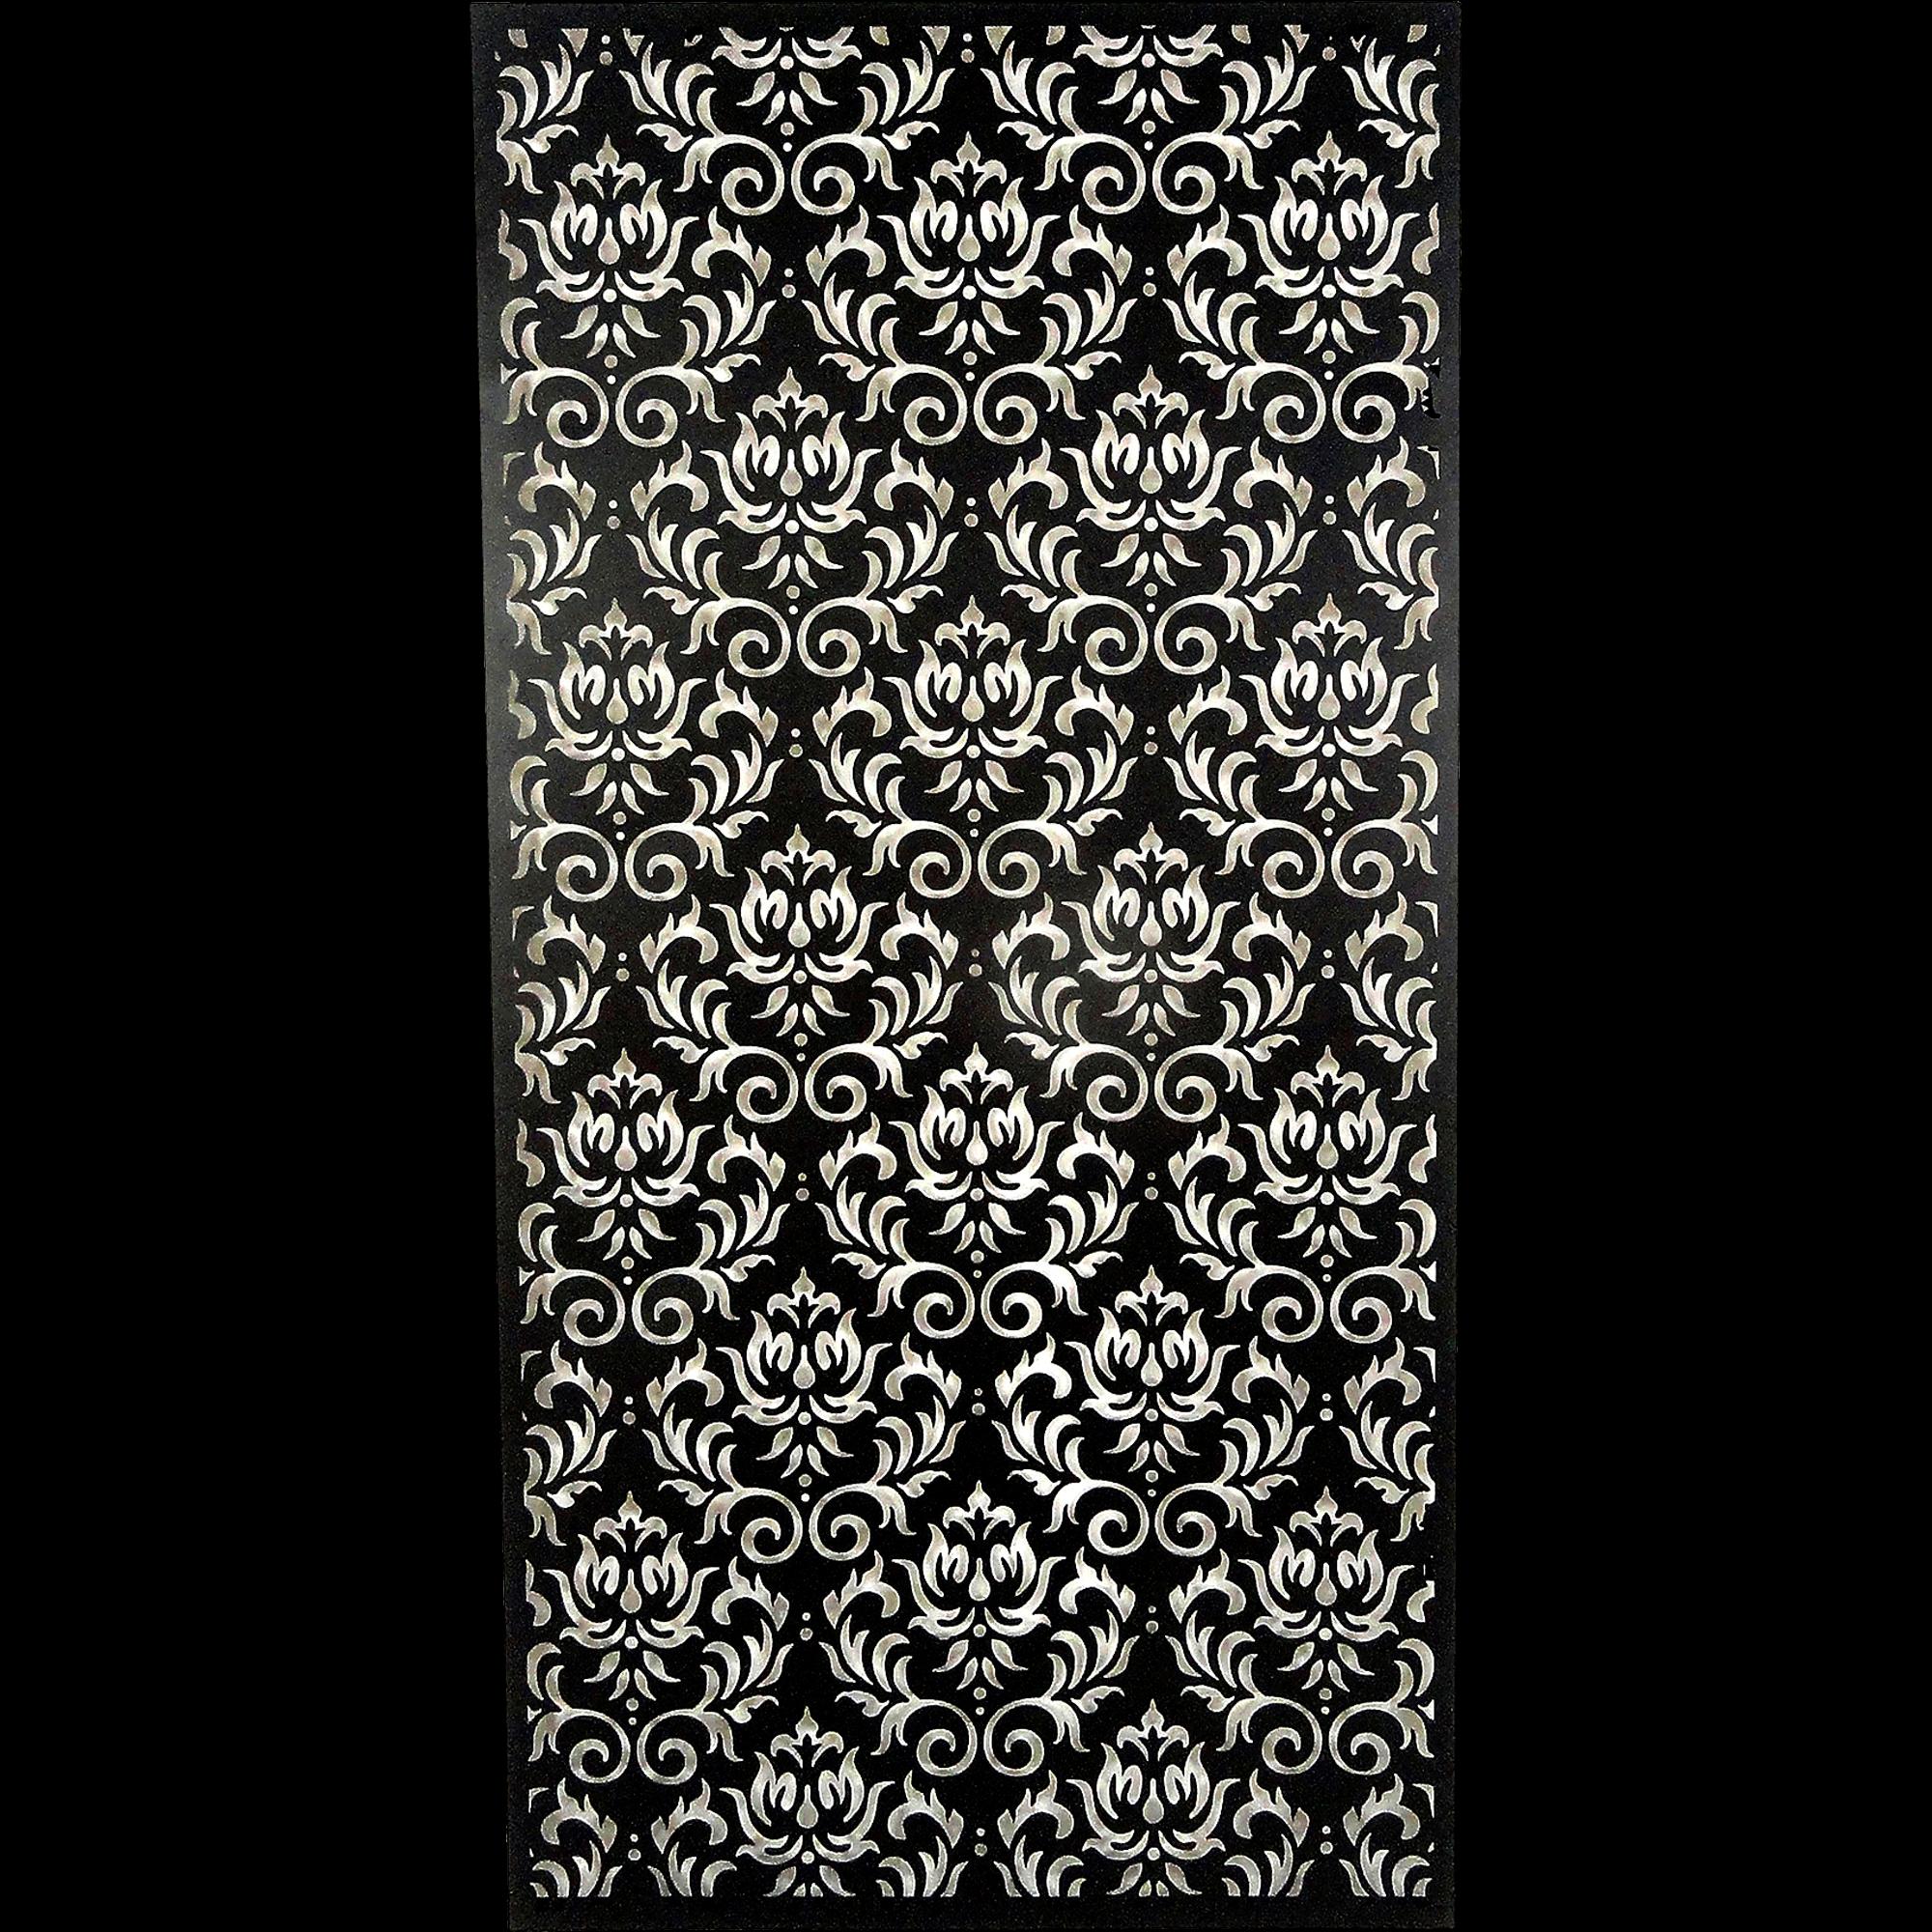 Décoration Murale En Métal Noir 60x120cm FULMALA